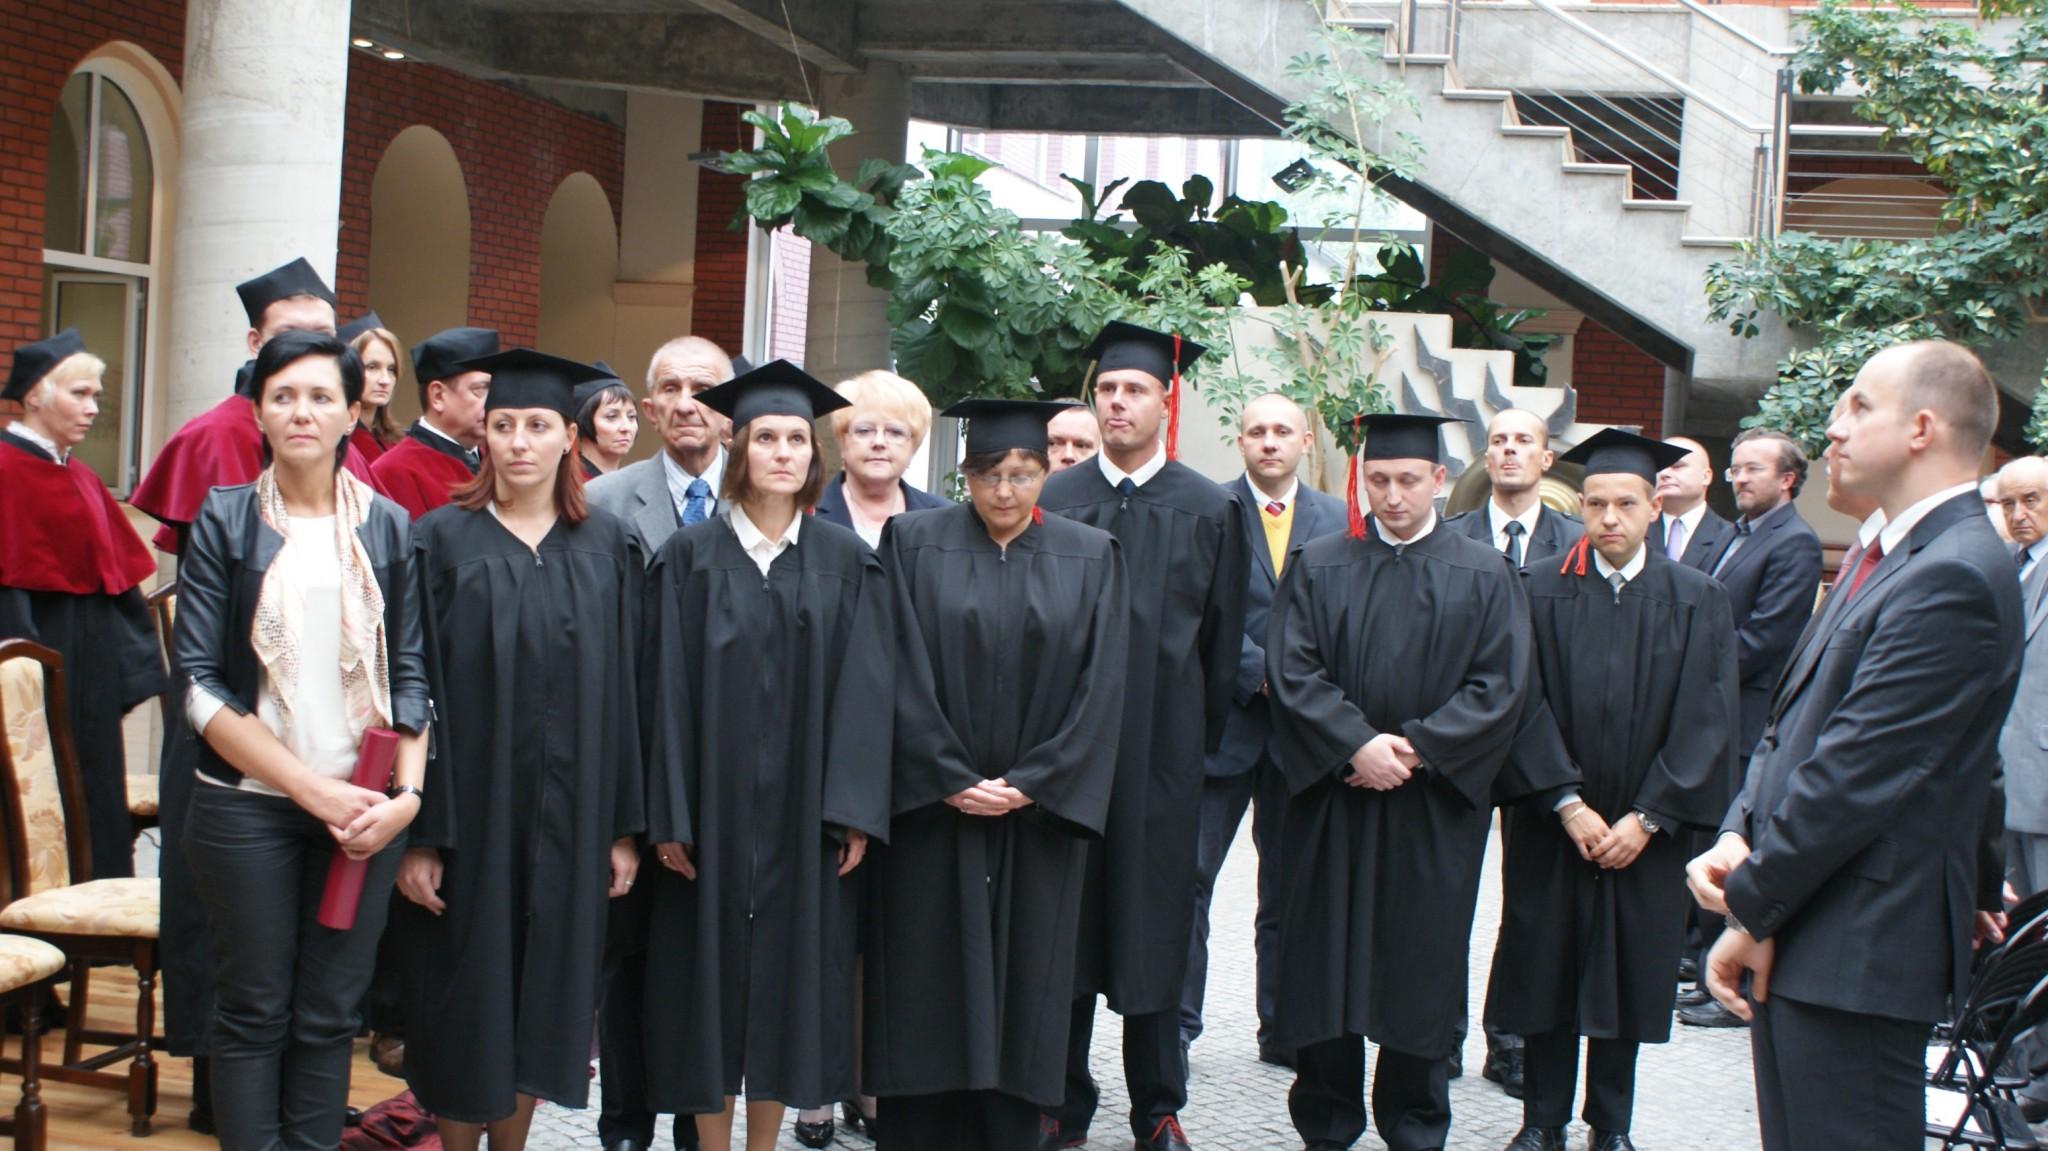 Wręczenie dyplomów doktorskich, od prawej: dr Sebastian Wewiór, dr Marcin Odelski, dr Marcin Łączek, dr Anna Wira, dr Dorota Leśniak, dr Judyta Kabus